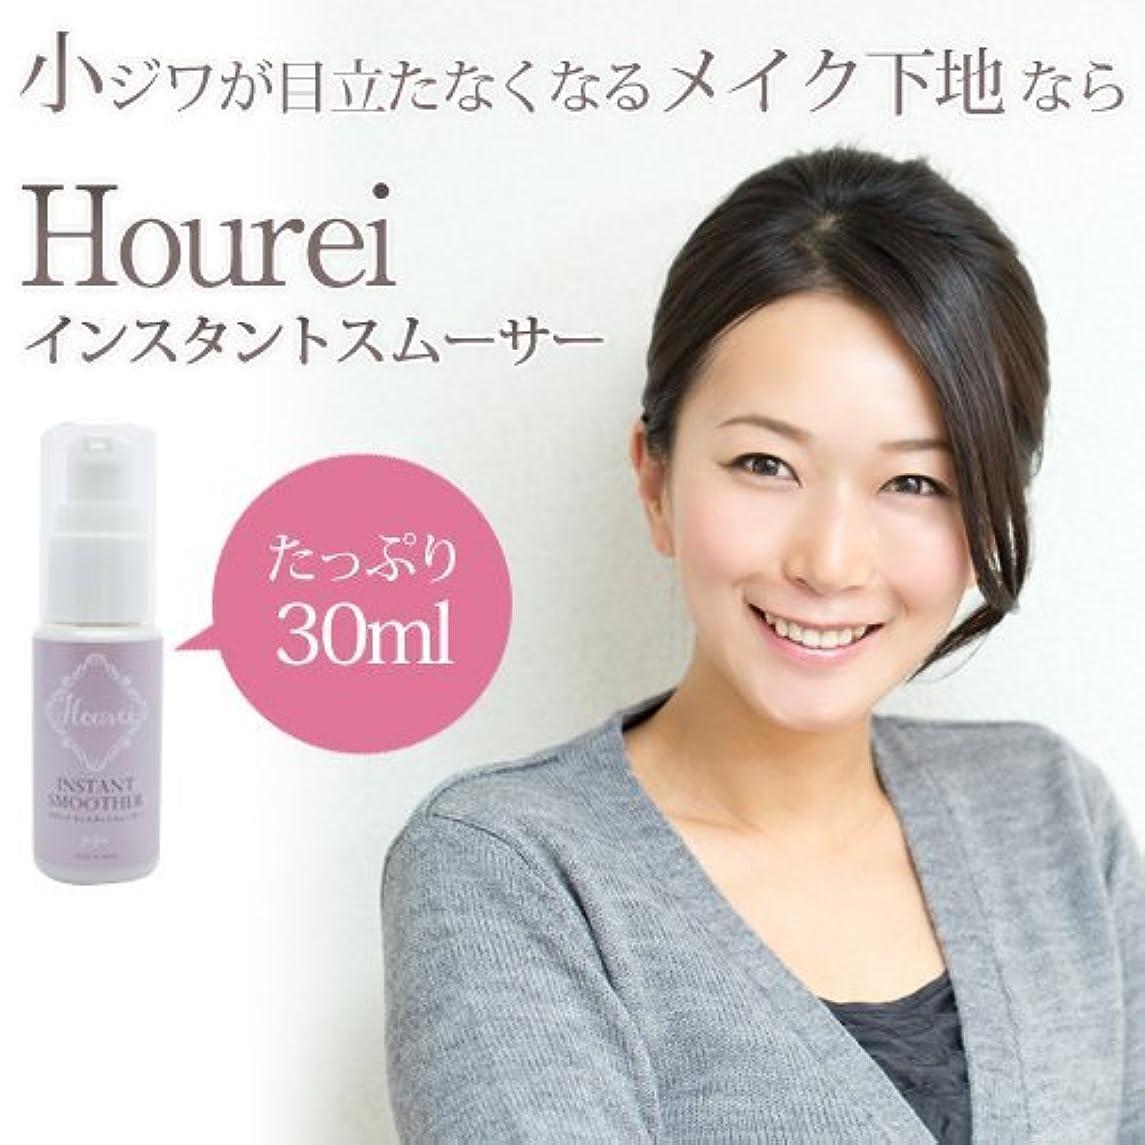 誇り虎応用Hourei(ホウレイ) インスタントスムーサー30ml